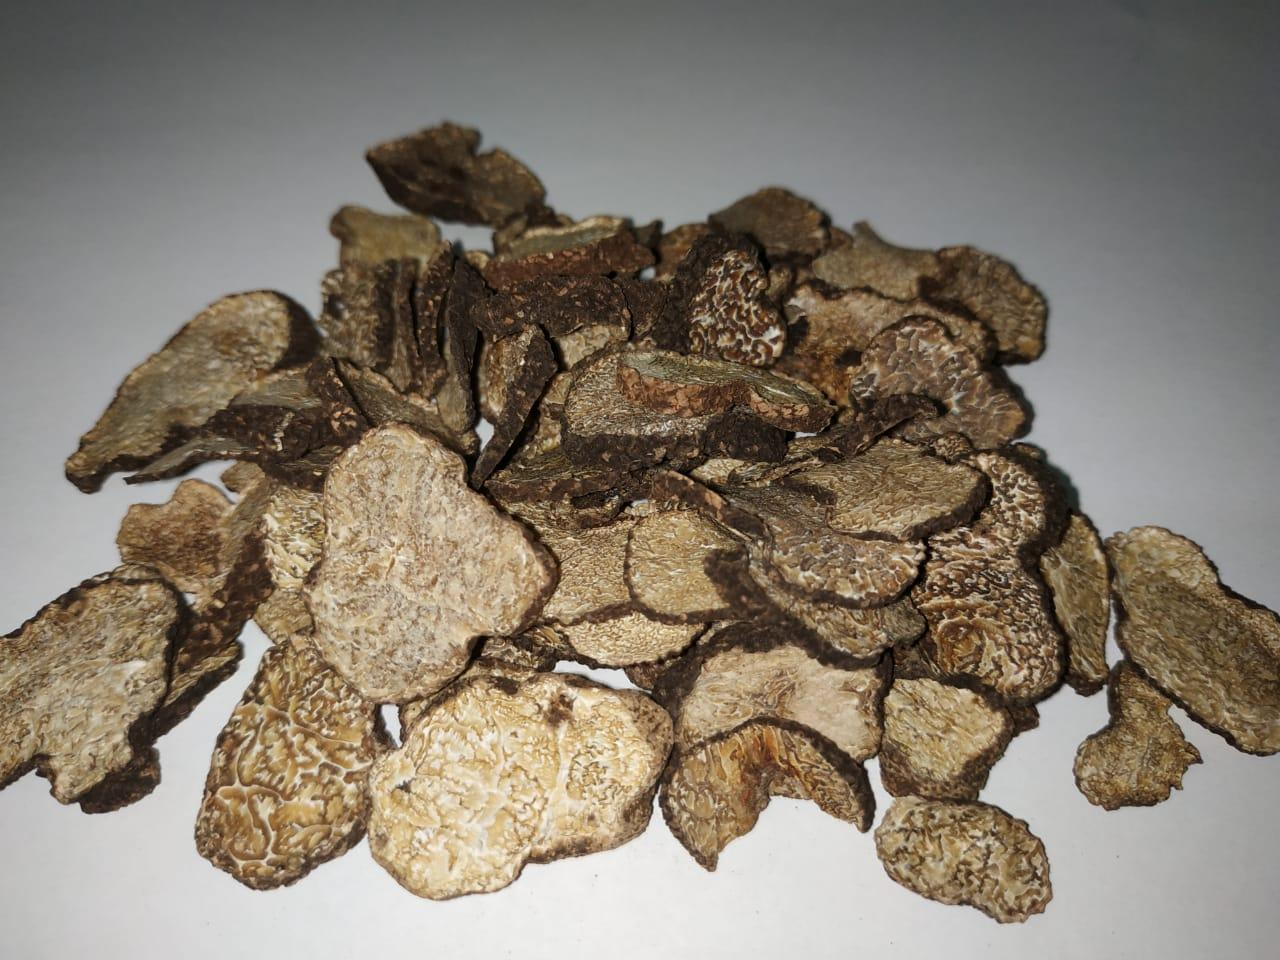 Сушеный дикий черный трюфель слайсы Tuber melanosporum (perigord truffle)